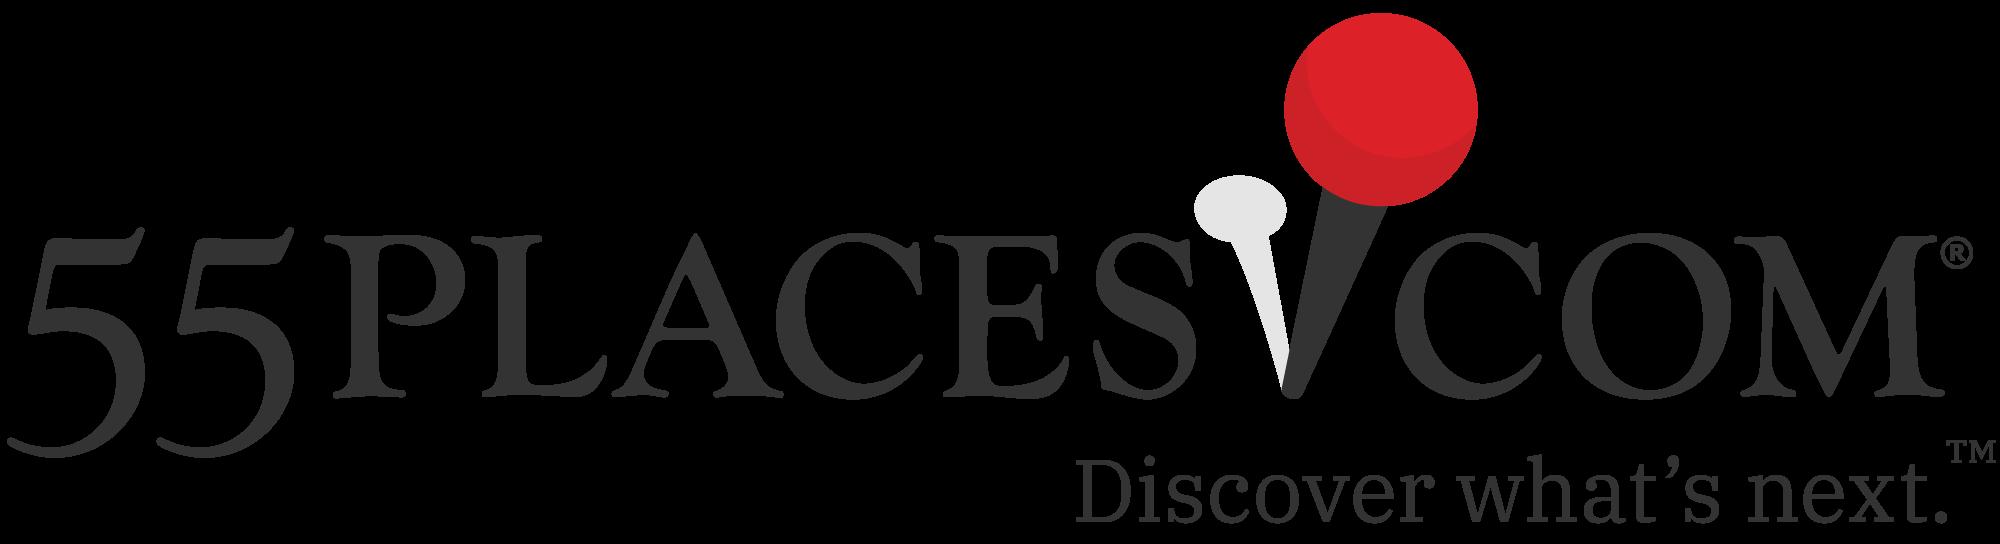 55places.com